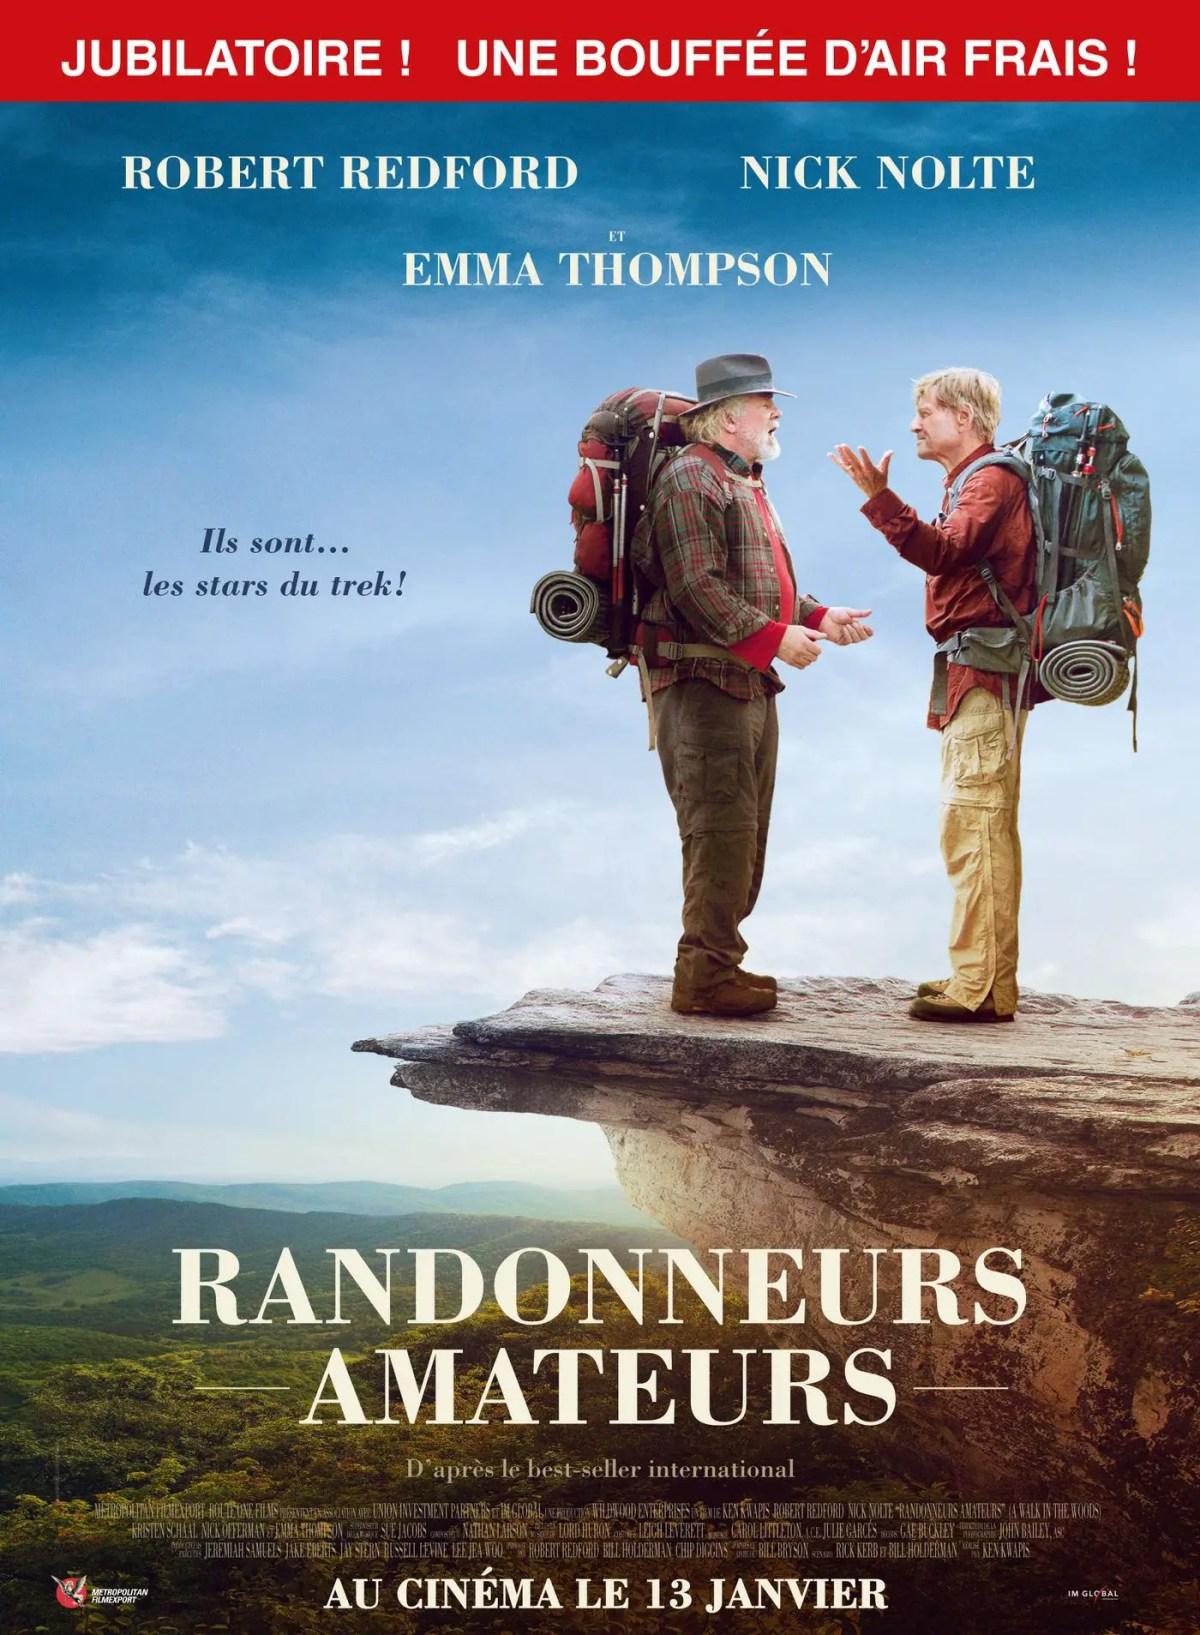 Affiche du film RANDONNEURS AMATEURS